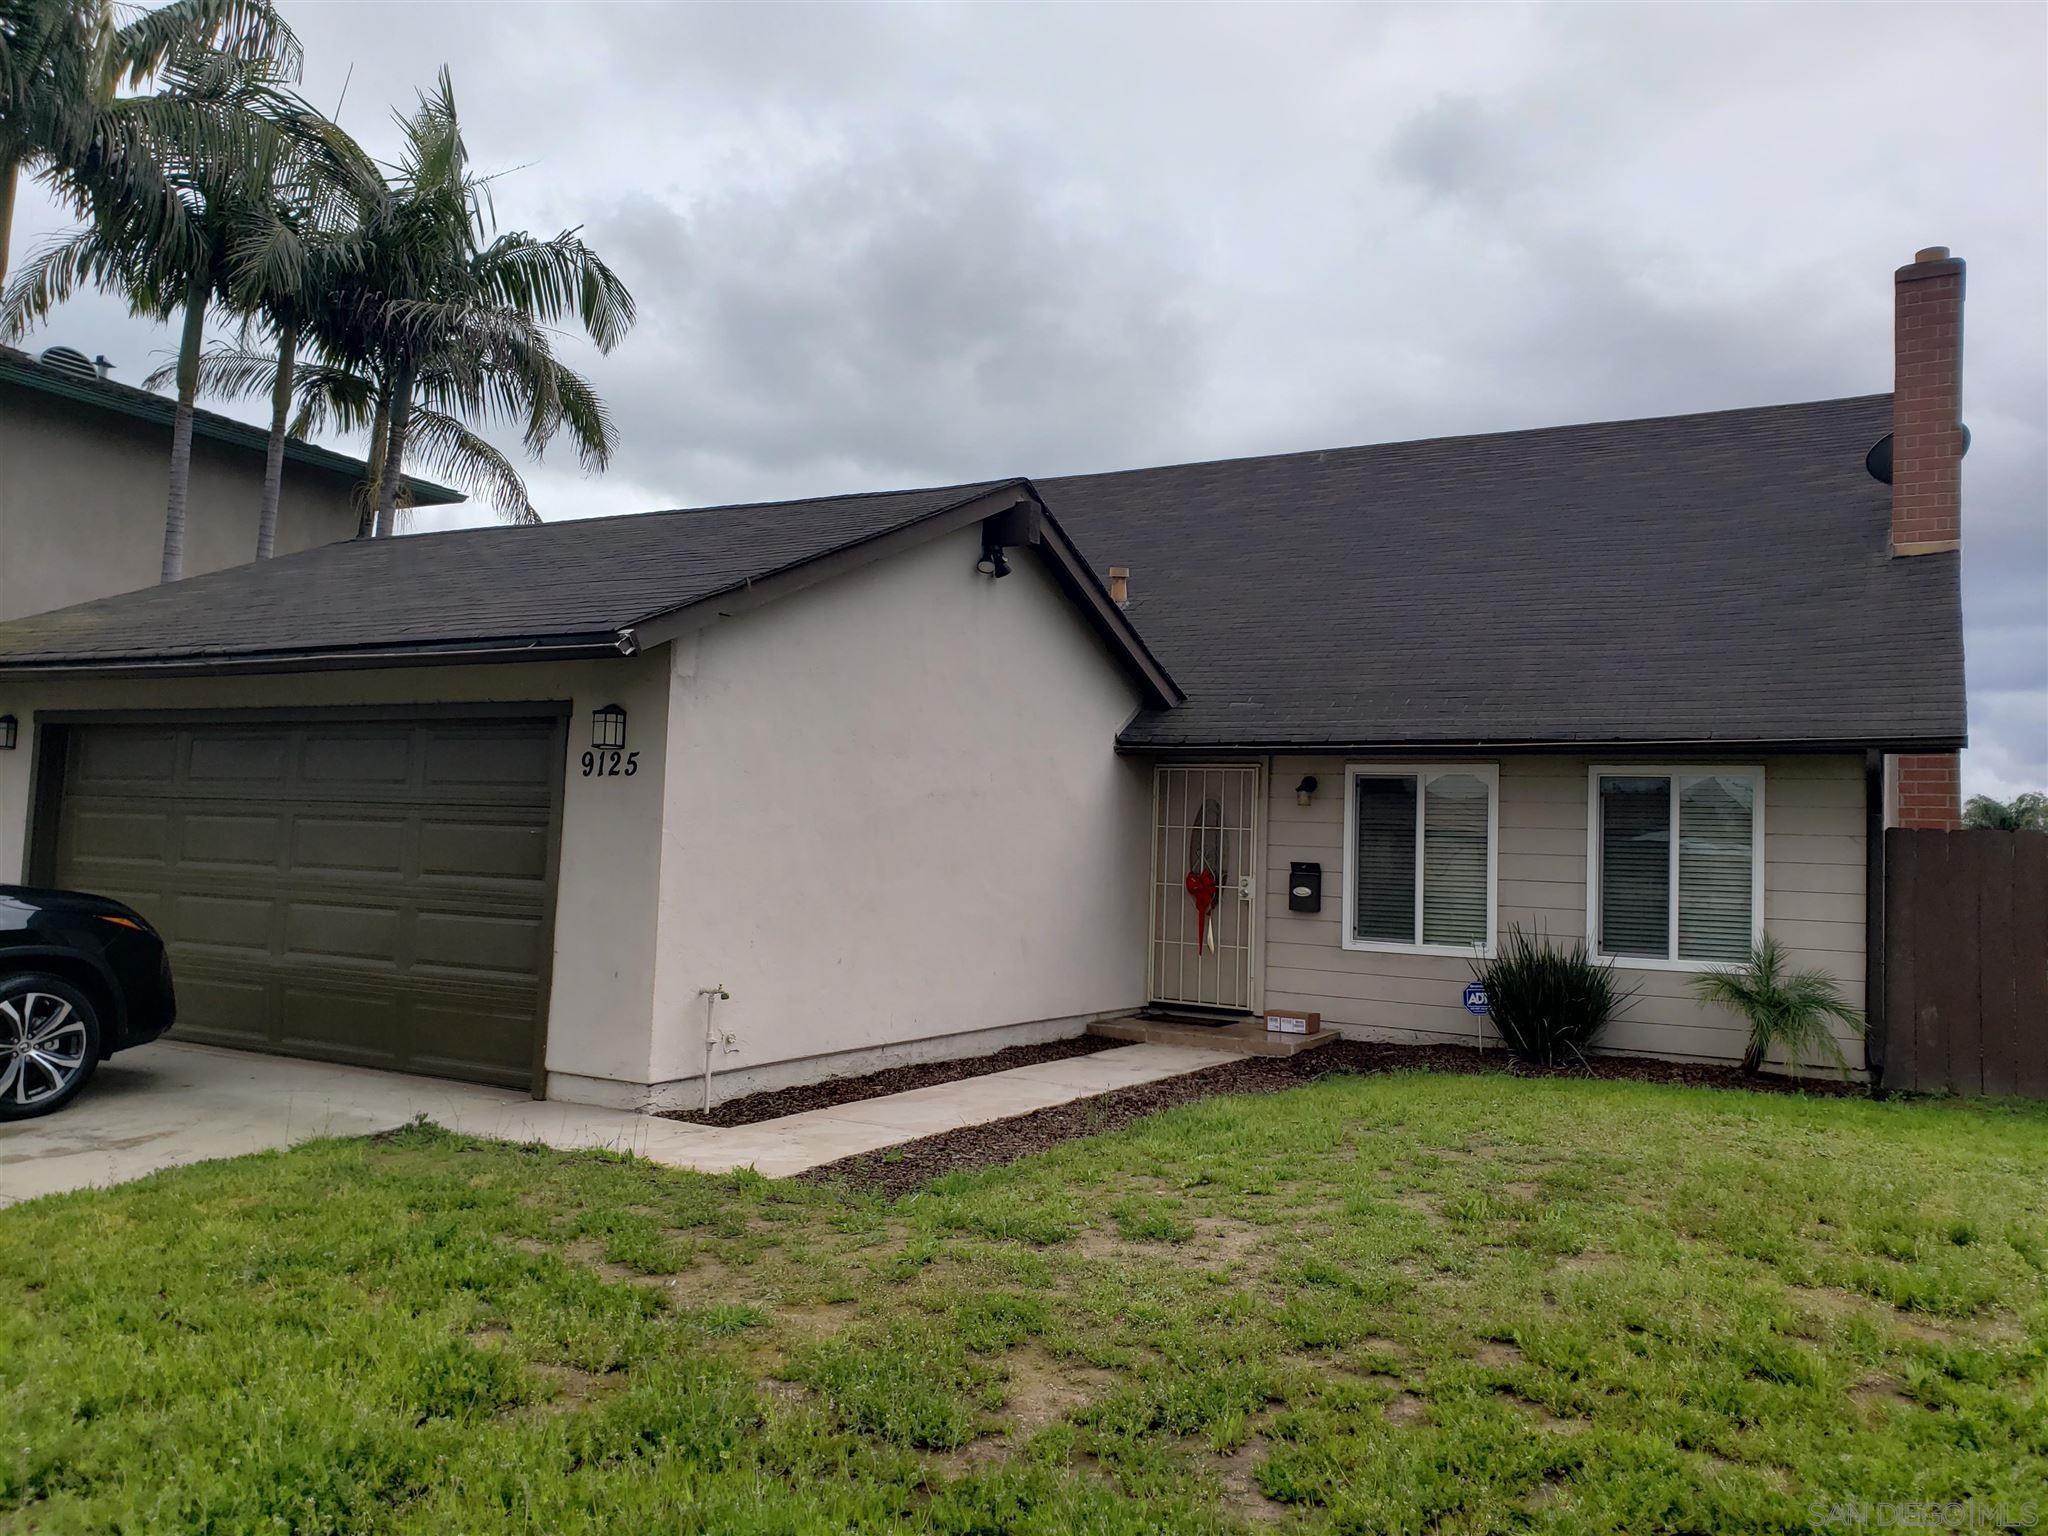 9125 Gold Coast Dr, San Diego, CA 92126